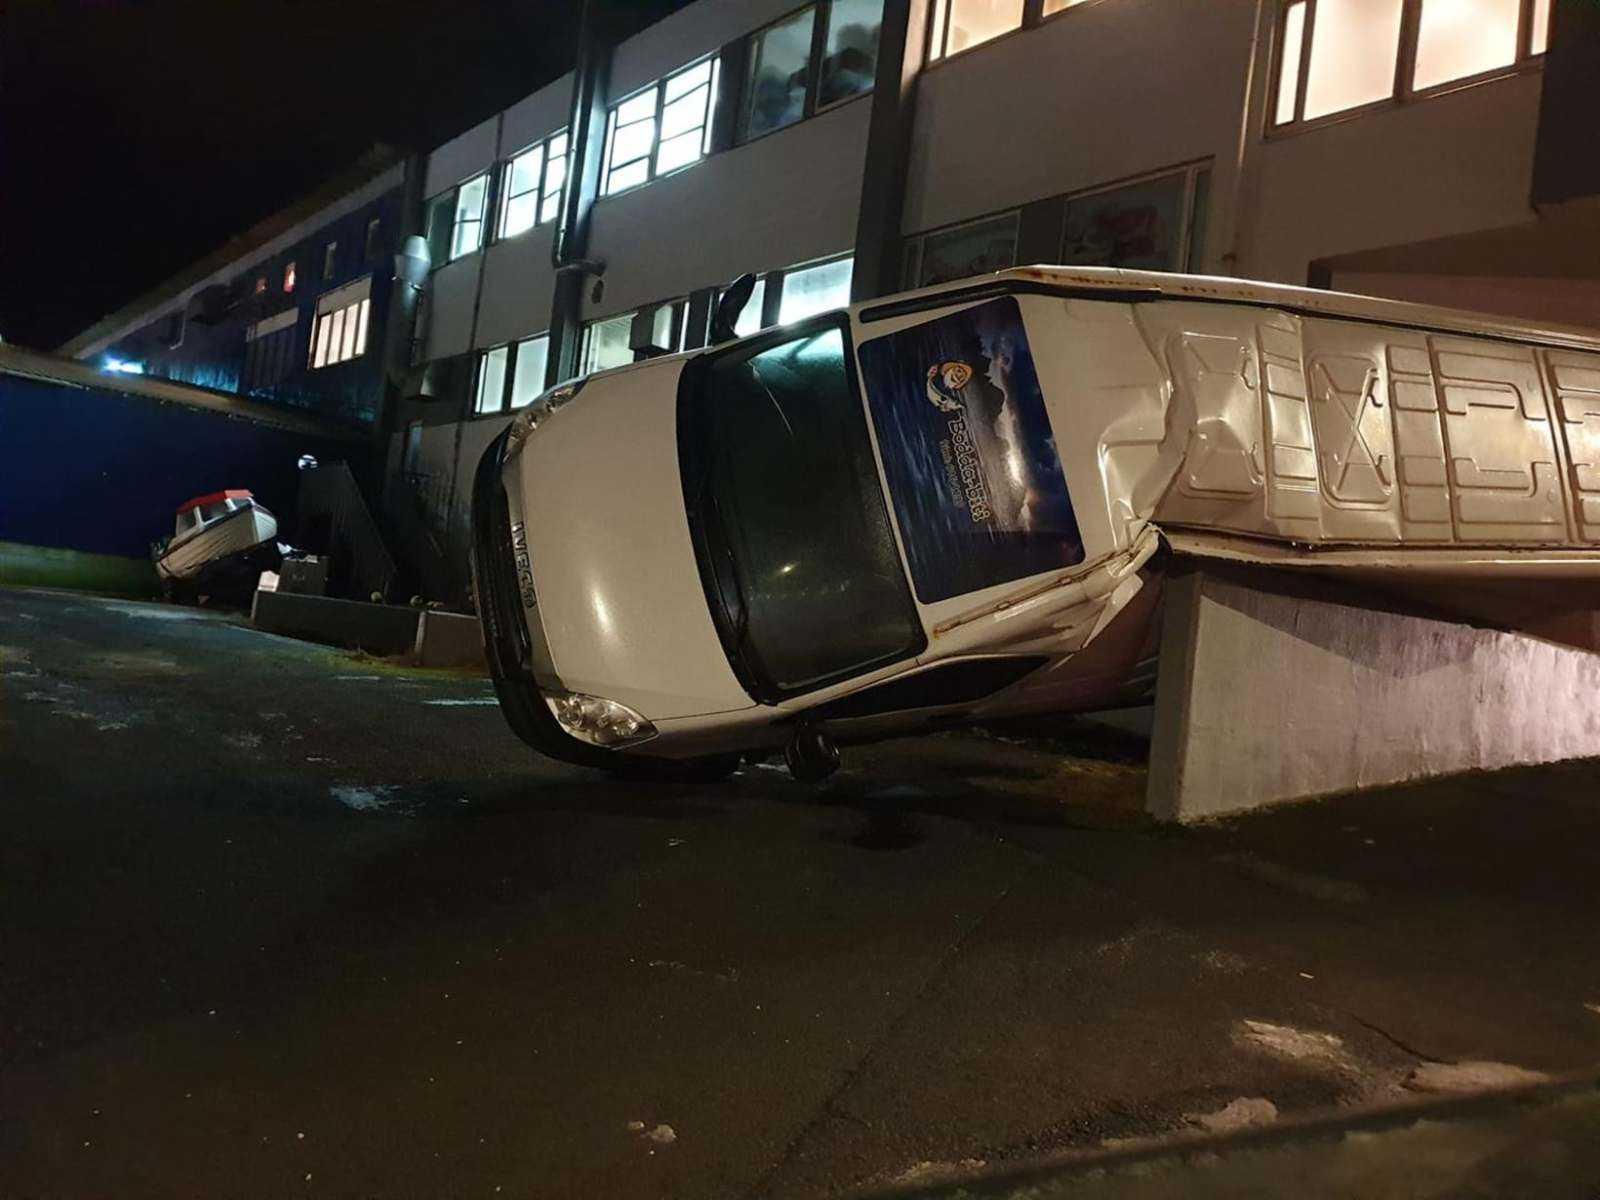 перевернутый фургон на Вестманнский островах, фото из исландской прессы, автор Sigurgeir Brynjar